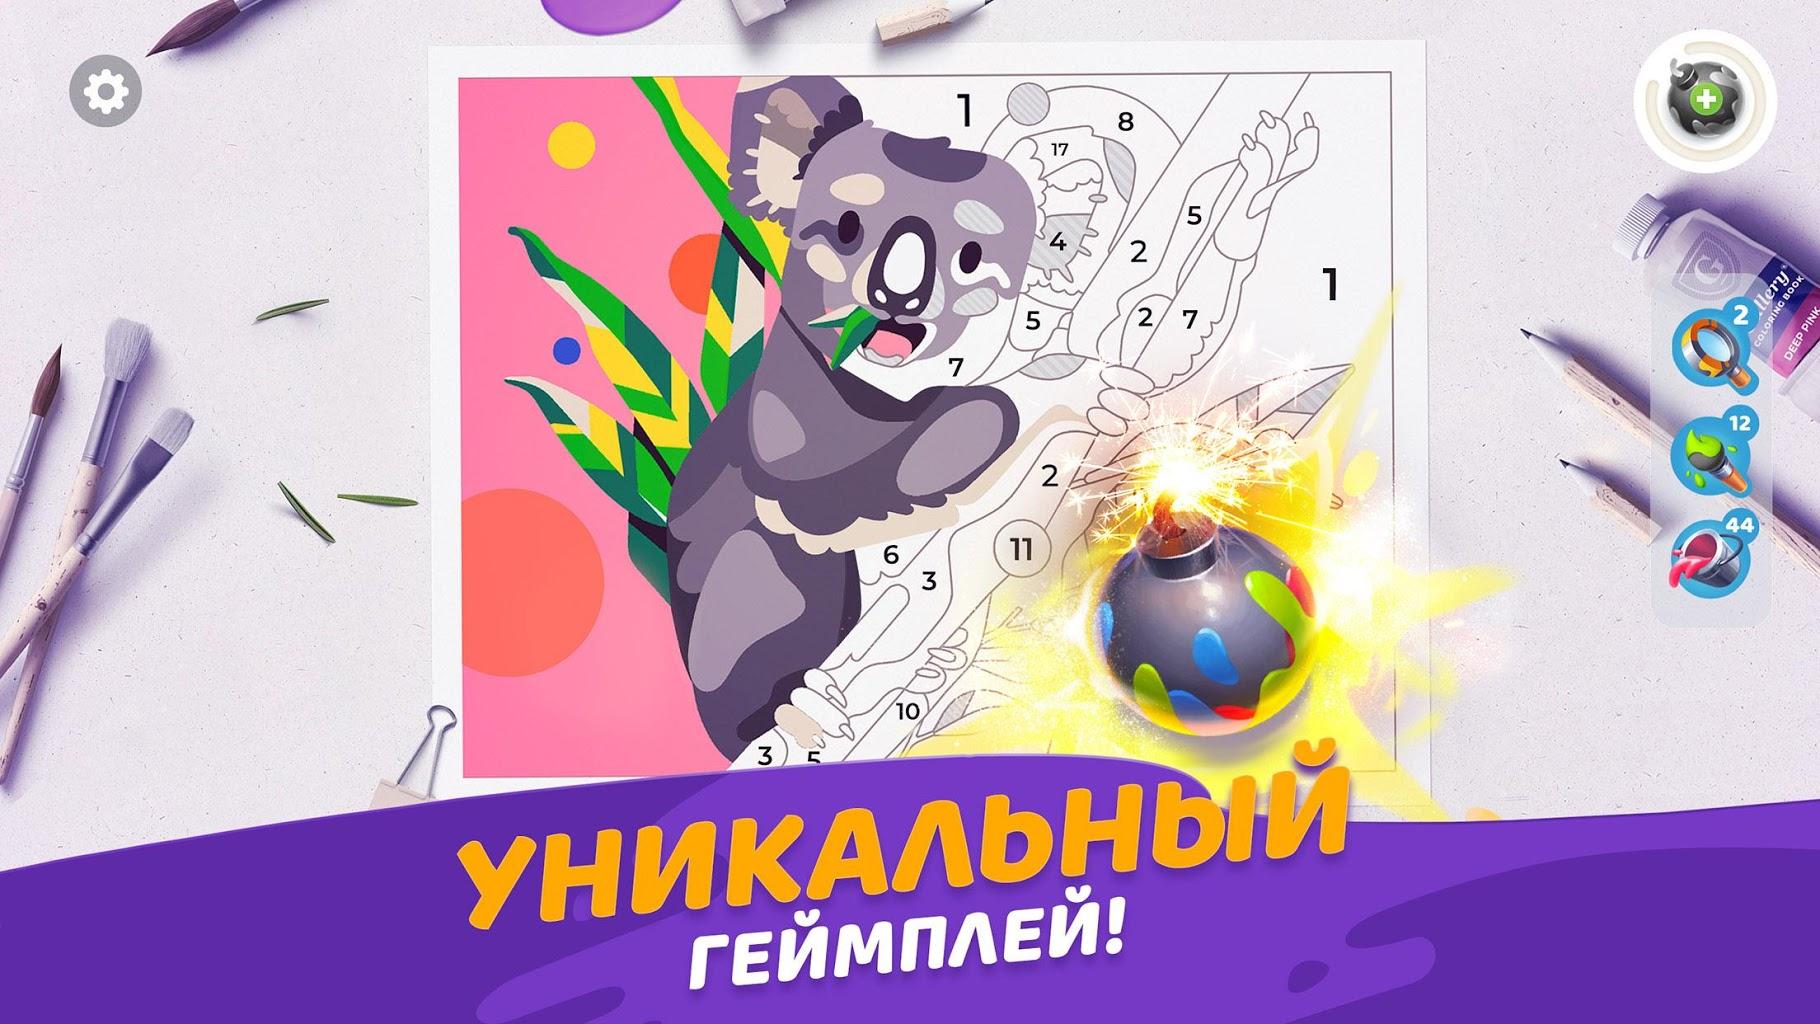 Скачать Gallery: раскраски и декор (Мод - много денег) 0 ...